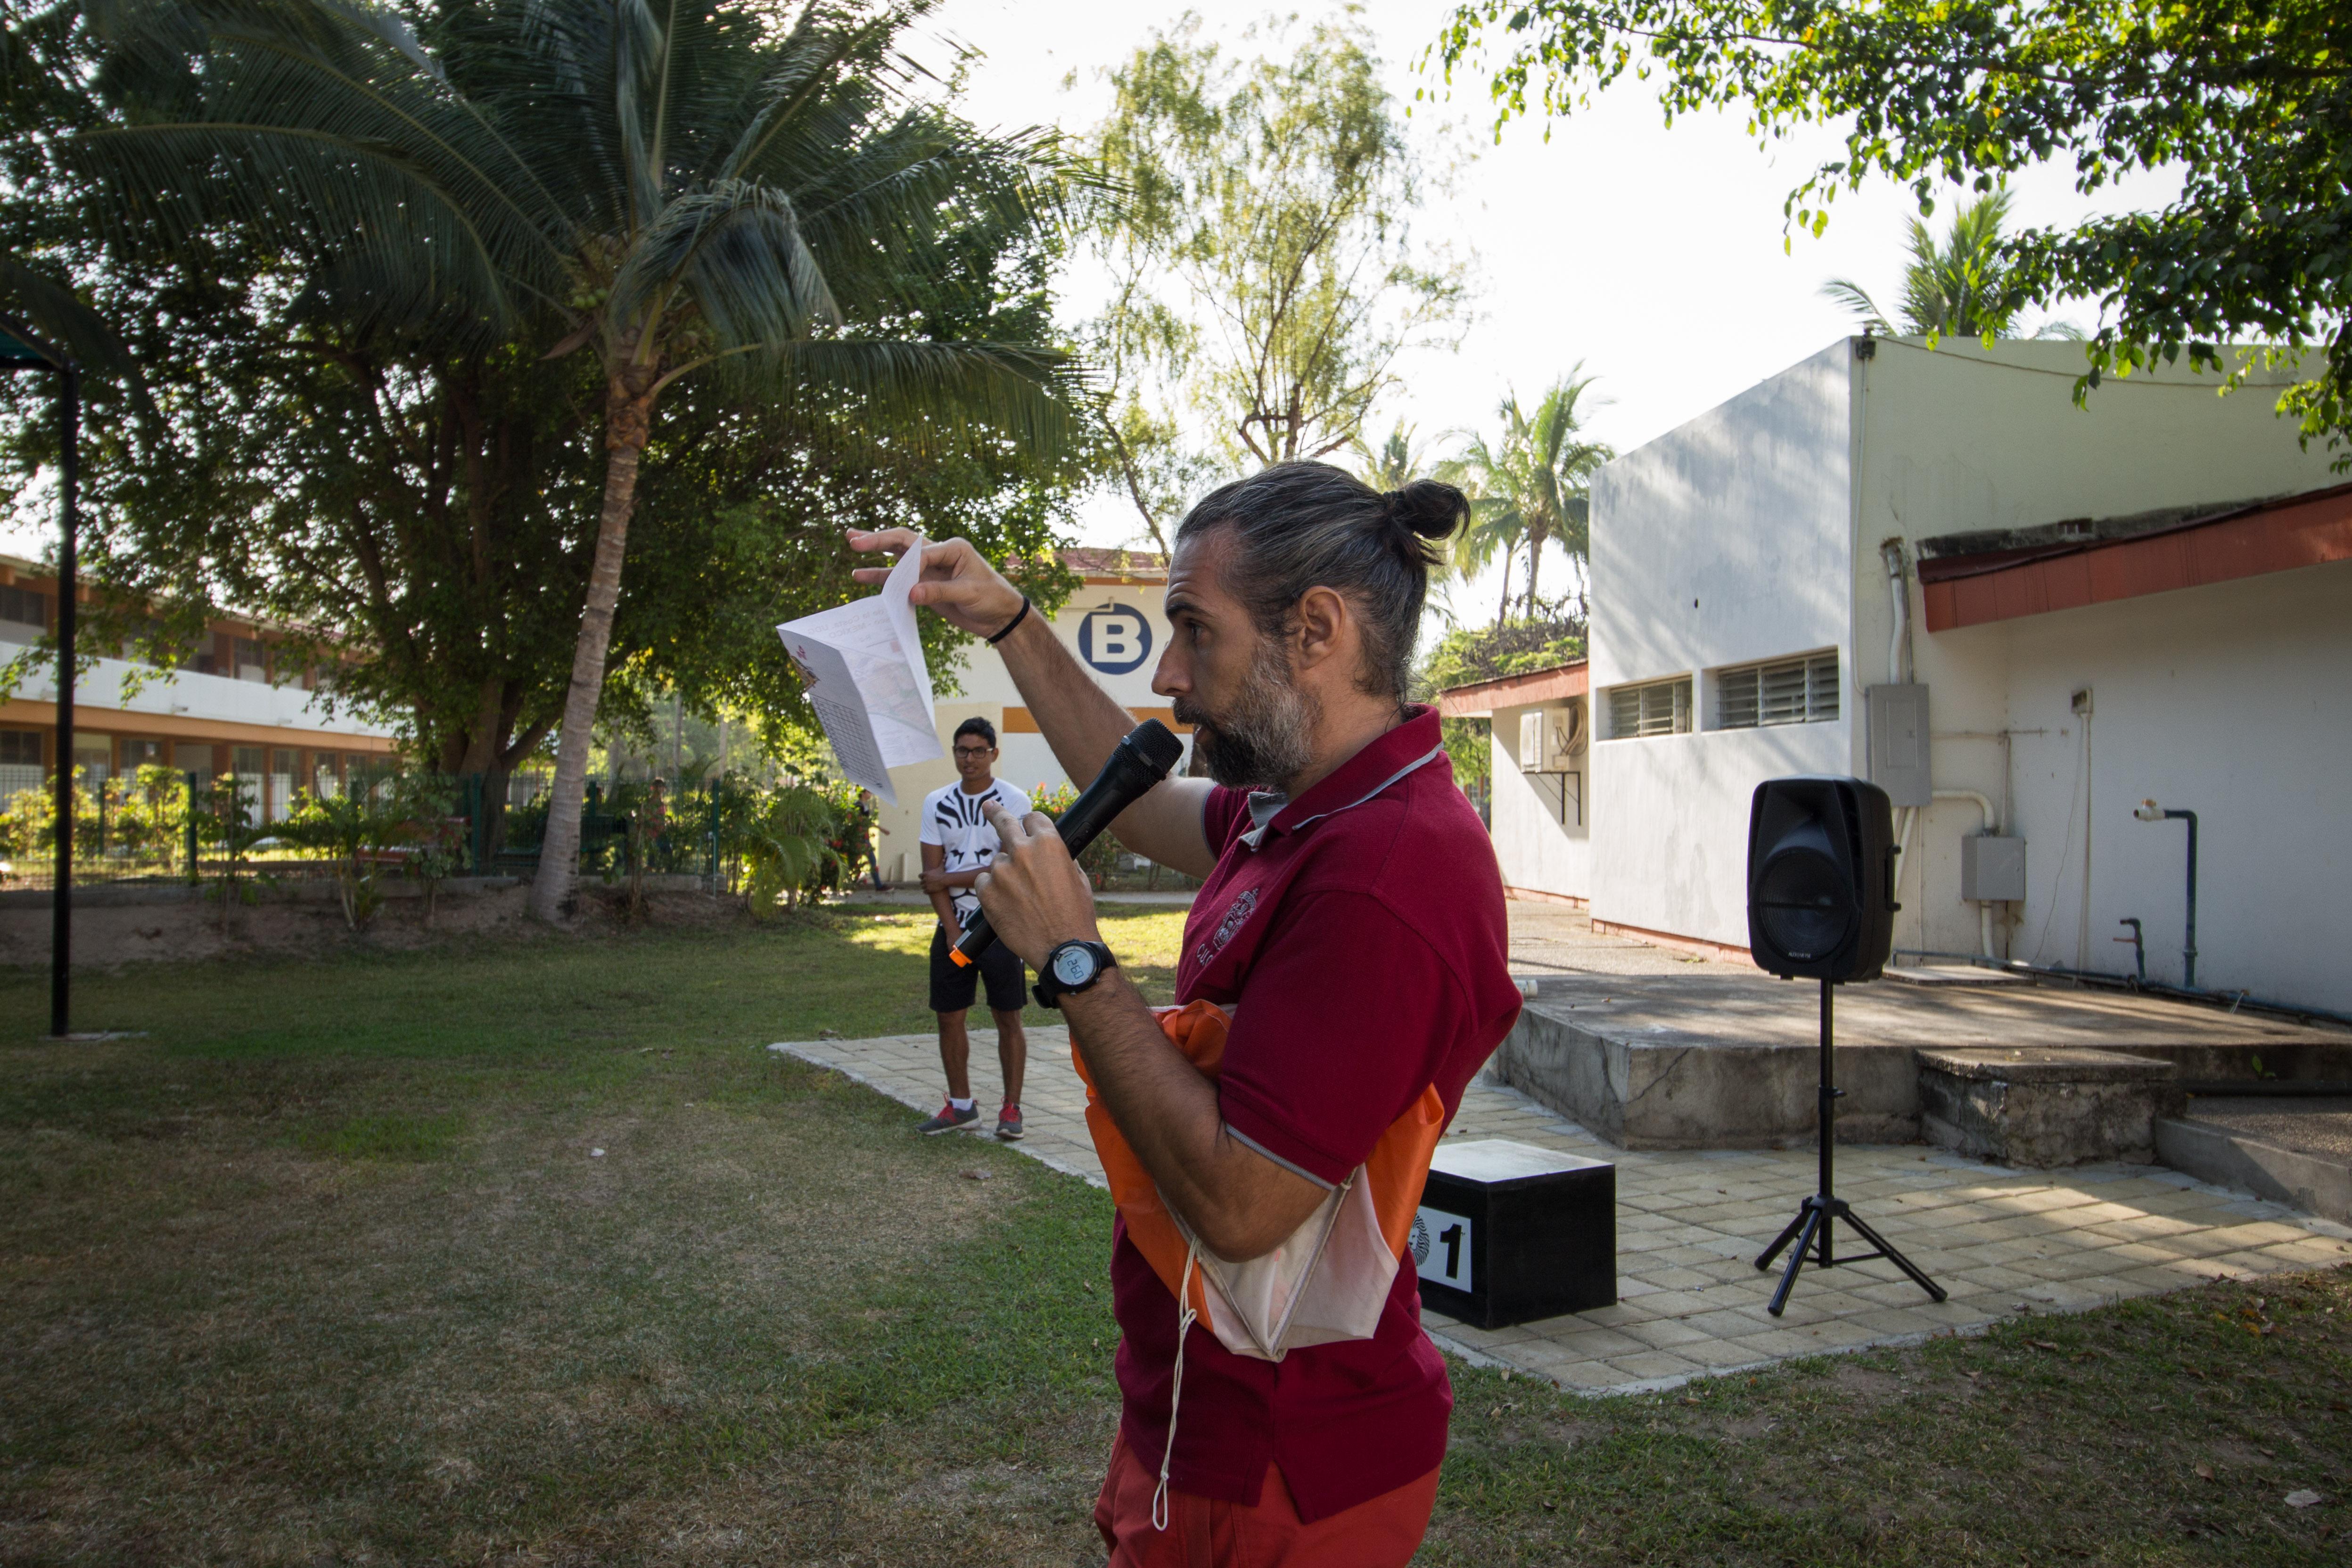 Puerto Vallarta ofrece un ambiente único para el deporte de orientación, señaló el docente Jorge López